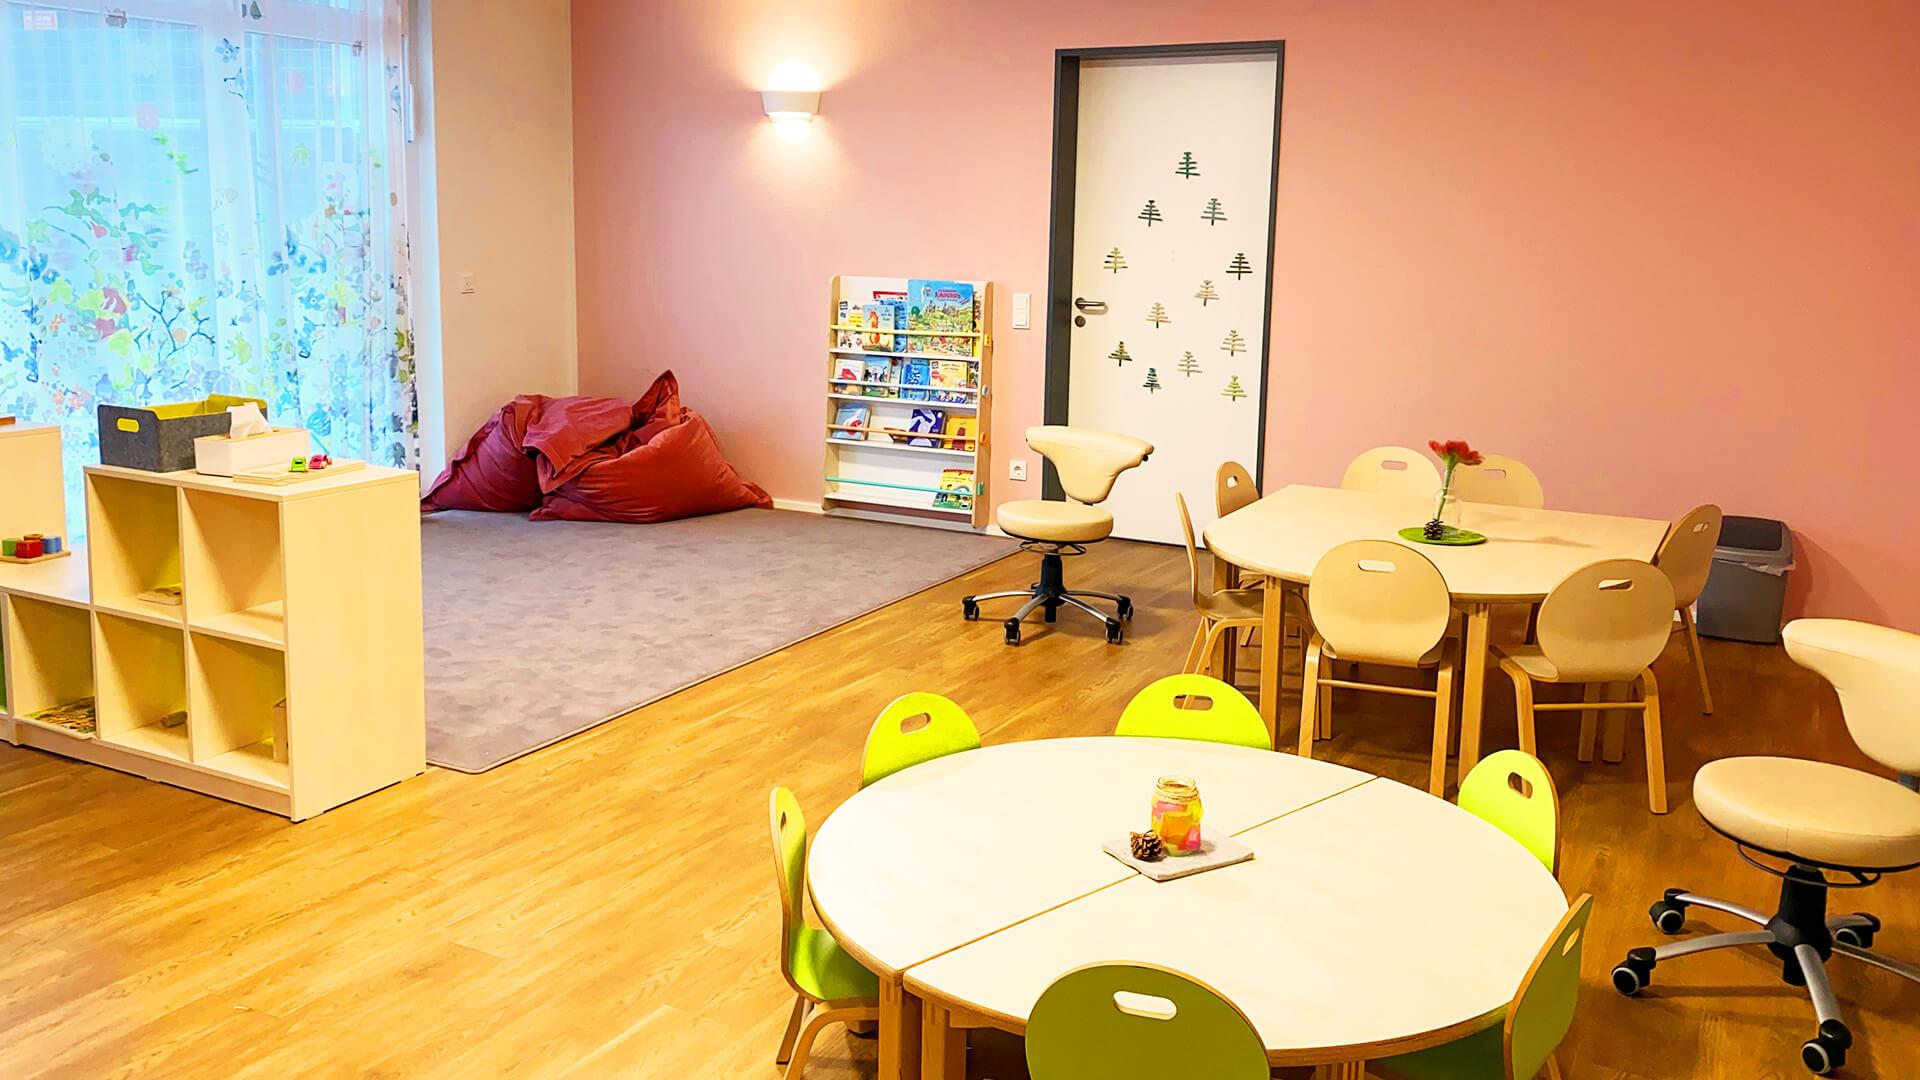 Gruppenraum der Kita in Essen-Rüttenscheid - Mit großen Sitzsäcken auf Teppich, runden Tischen und Stühlen für viele Kinder